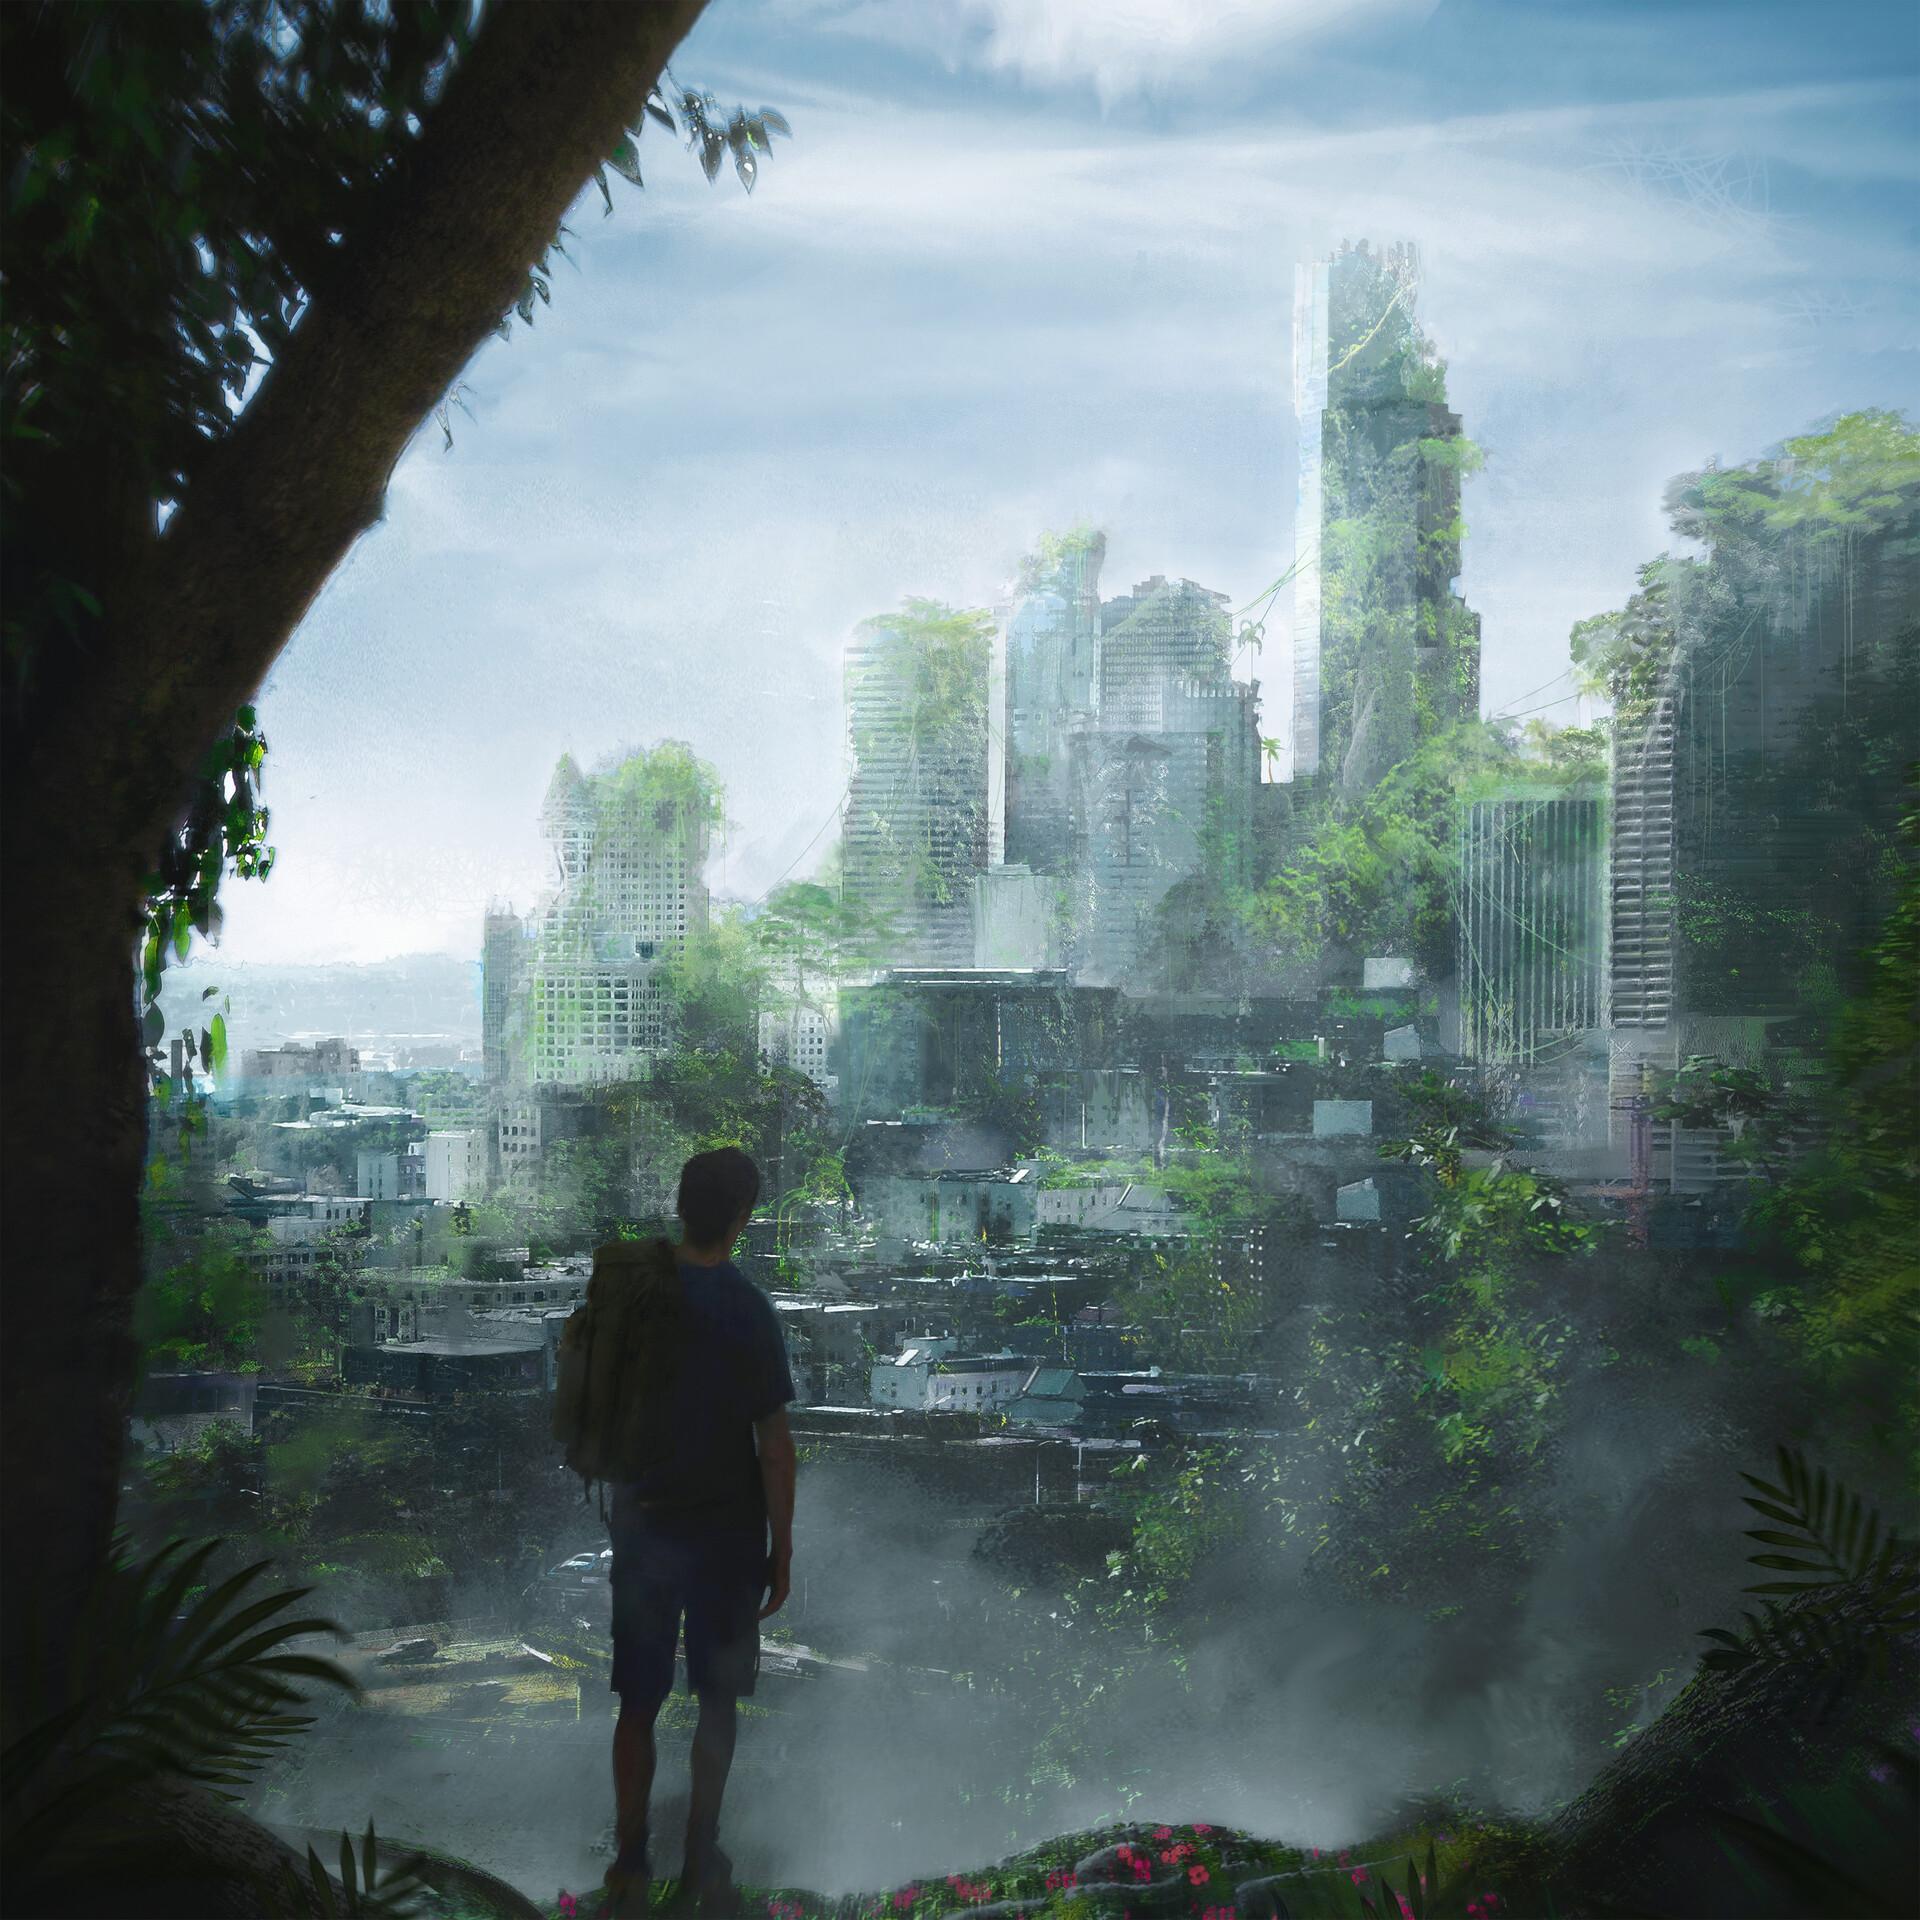 Overgrown City Cover Art By Rutger Van De Steeg